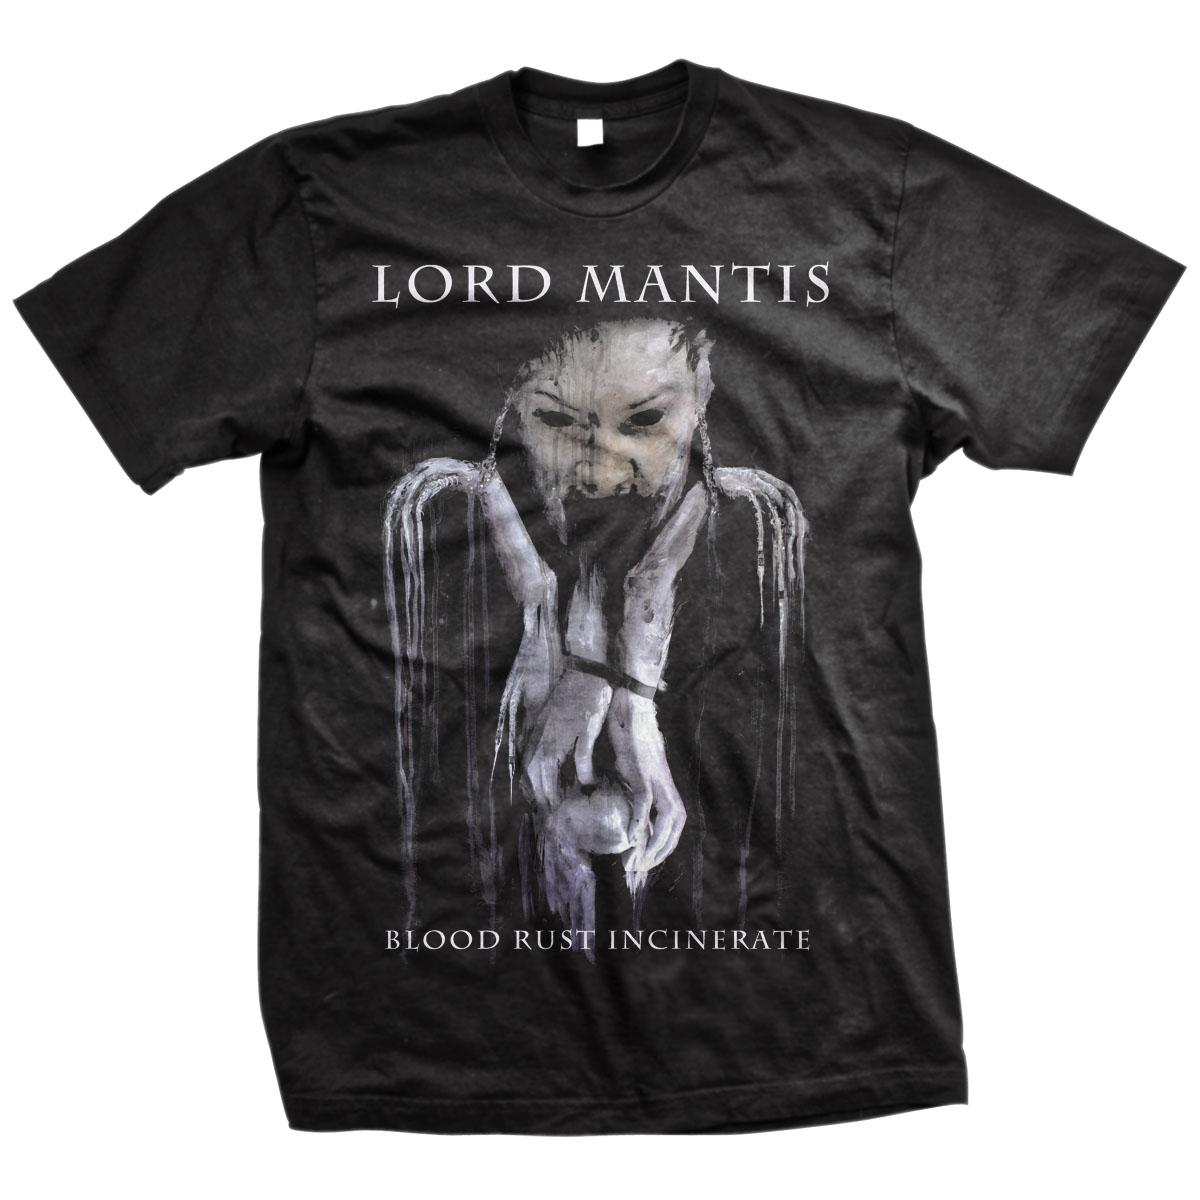 Shirt design new 2014 - View